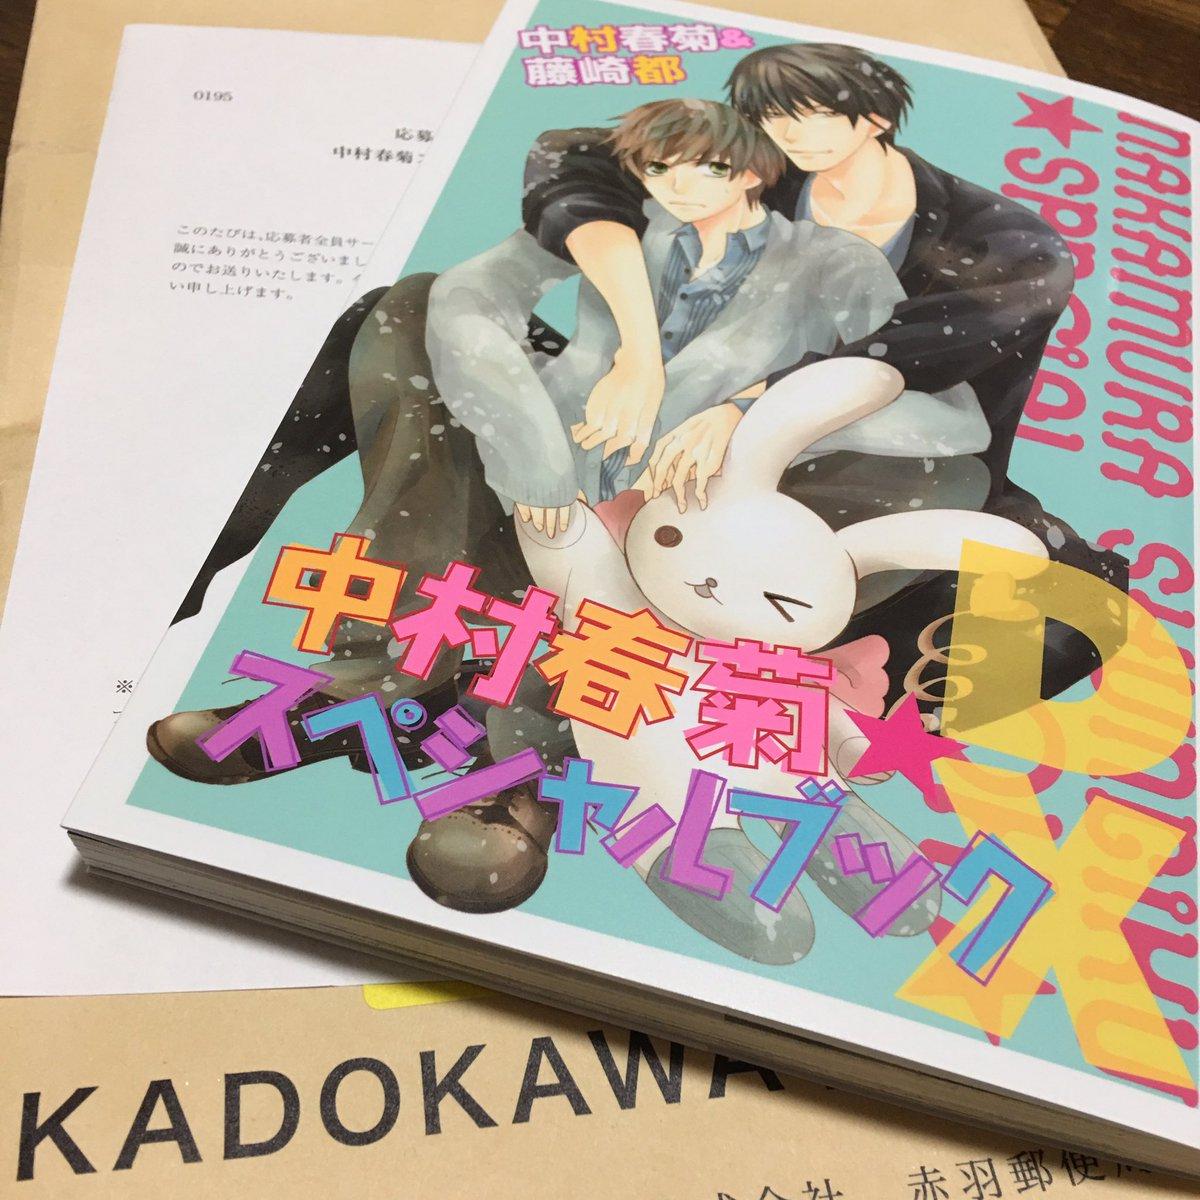 待ってたよぉぉぉぉぉぉ♡♡中村春菊先生のスペシャルブックDX♡♡きゃーかわぃー♡♡#中村春菊#世界一初恋#純情ロマンチカ